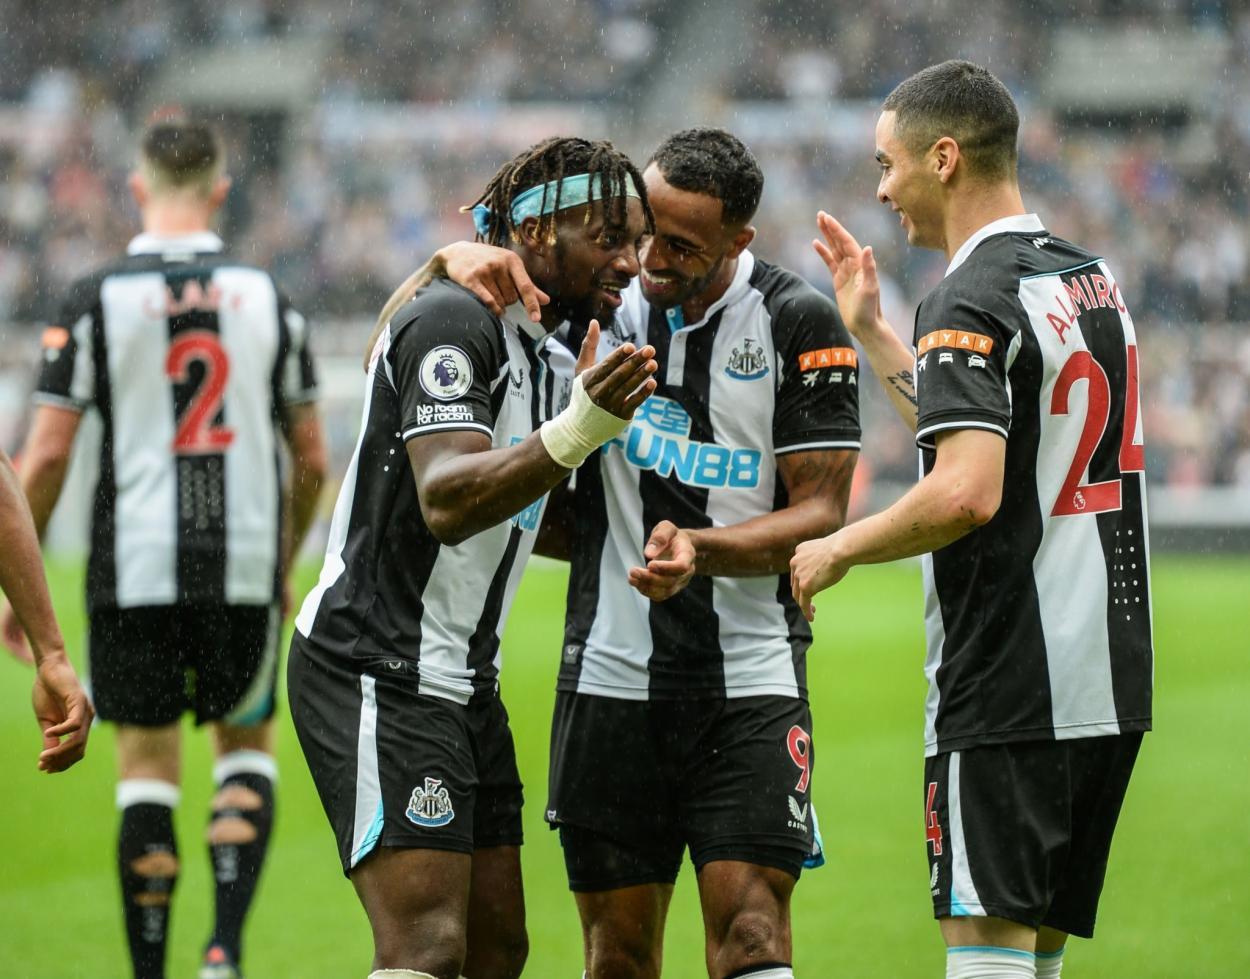 Compañerismo entre los futbolistas del Newcastle / Fuente: Newcastle United